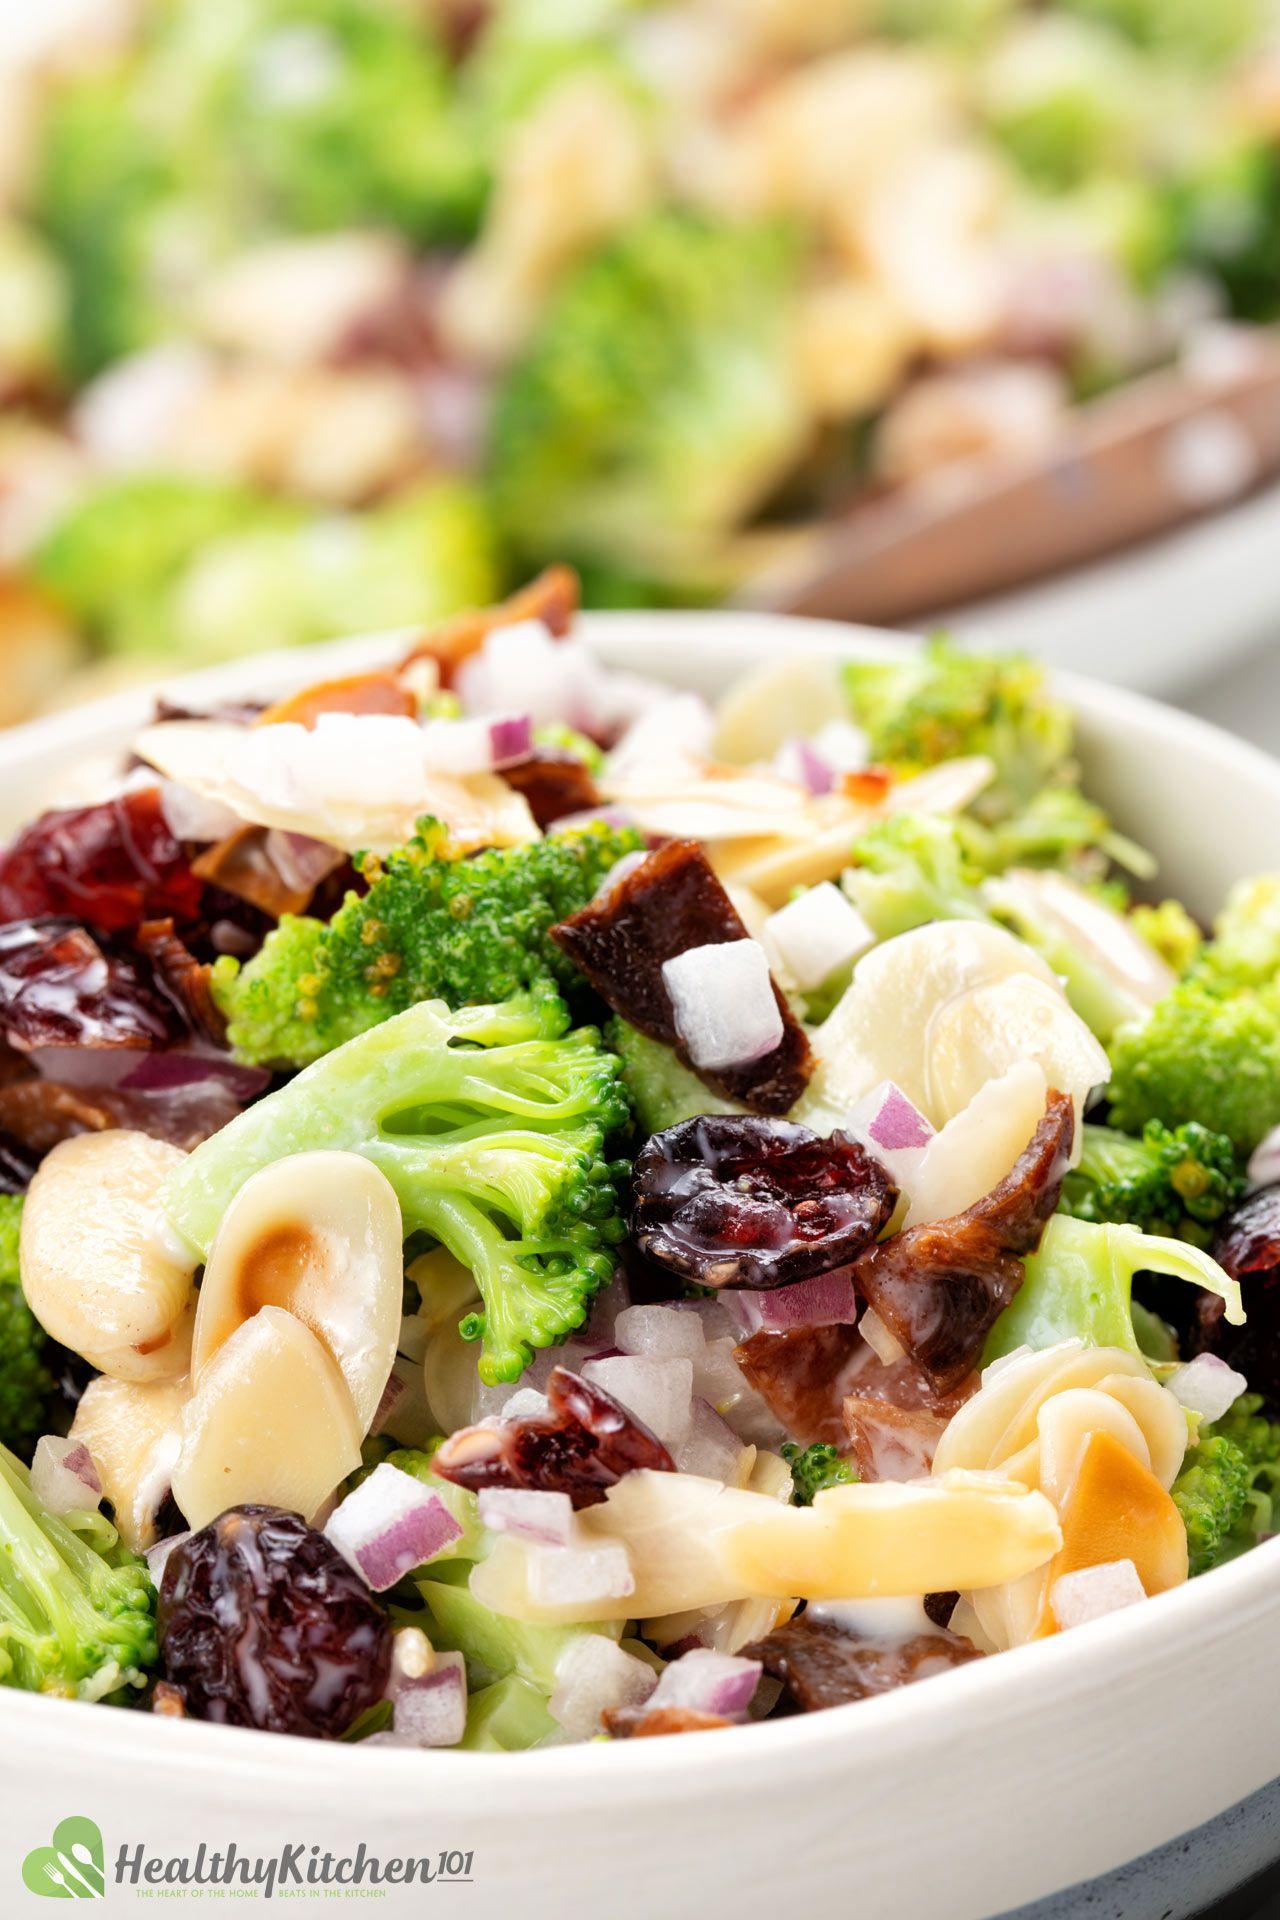 Is Broccoli Salad Healthy